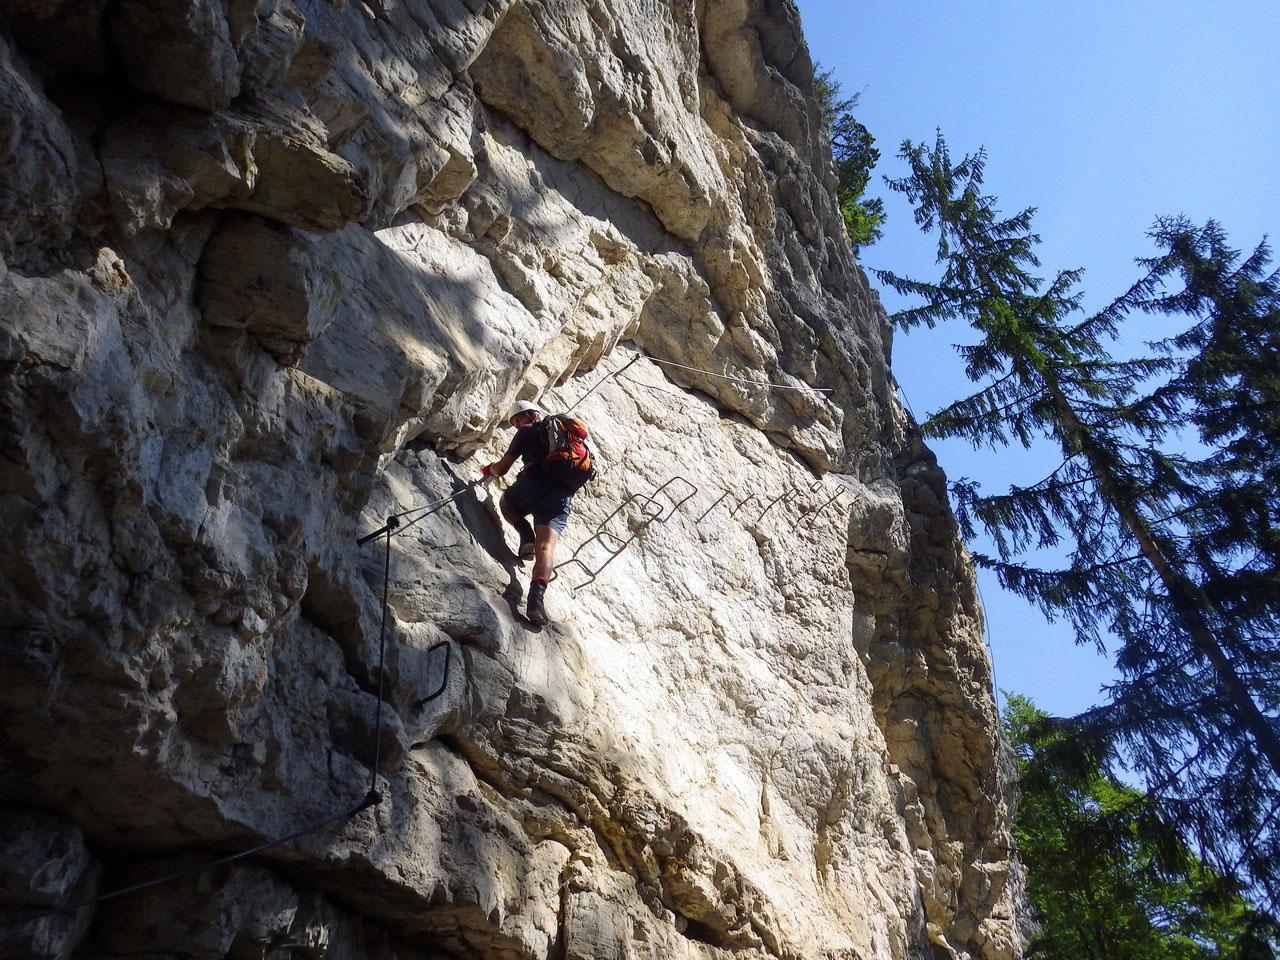 Klettersteig Postalmklamm : Postalmklamm klettersteig olli outdoor travelling